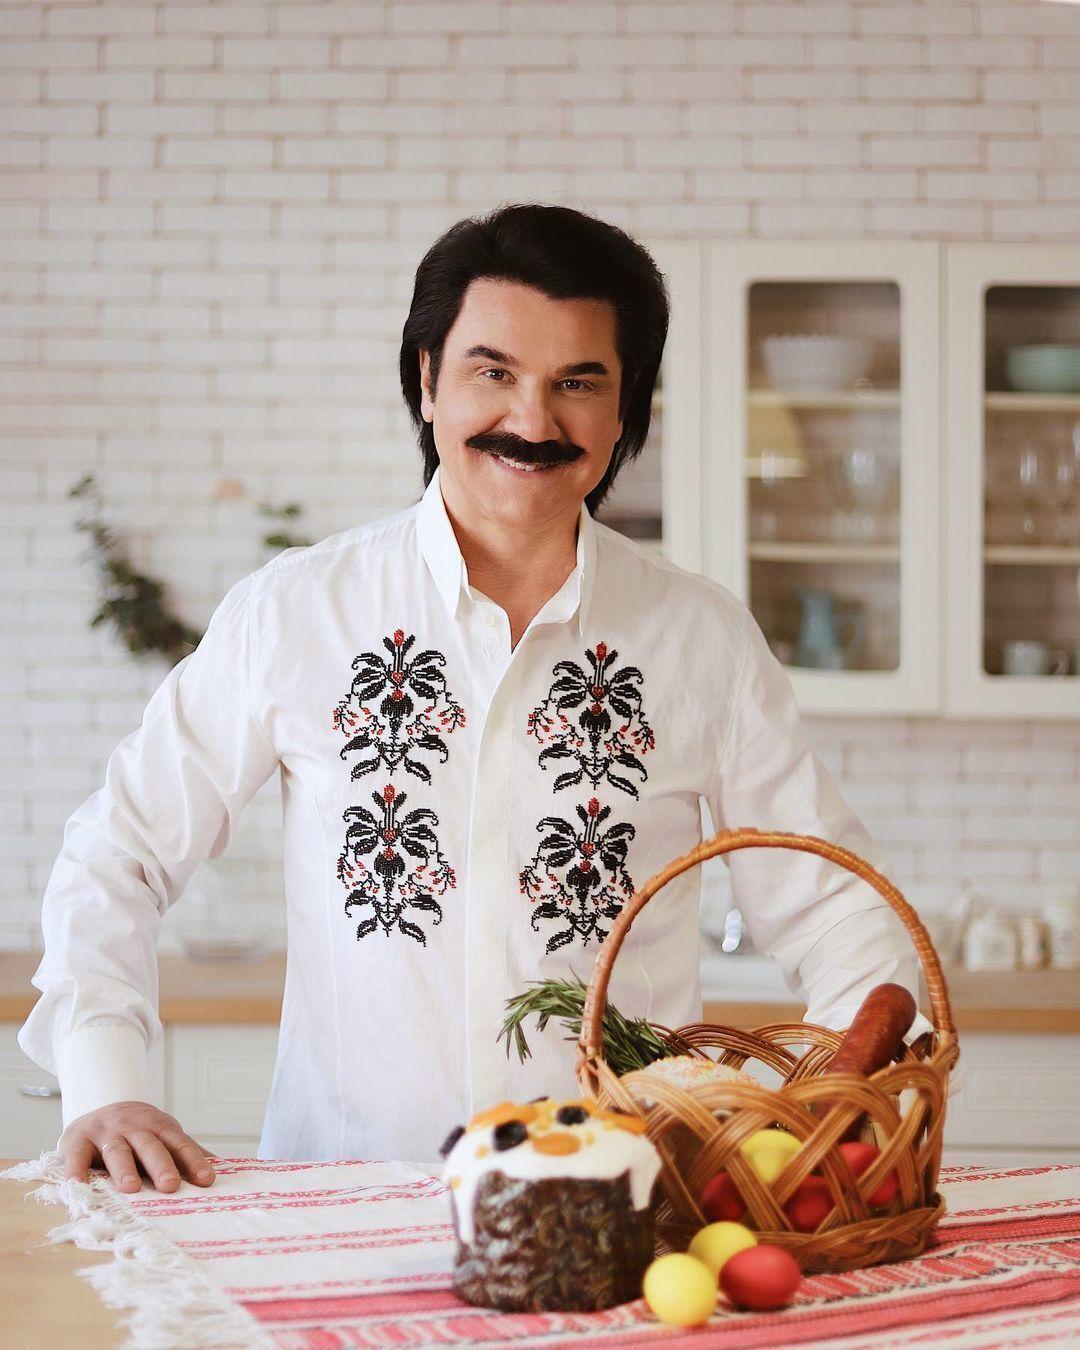 Зибров показал свою пасхальную корзину